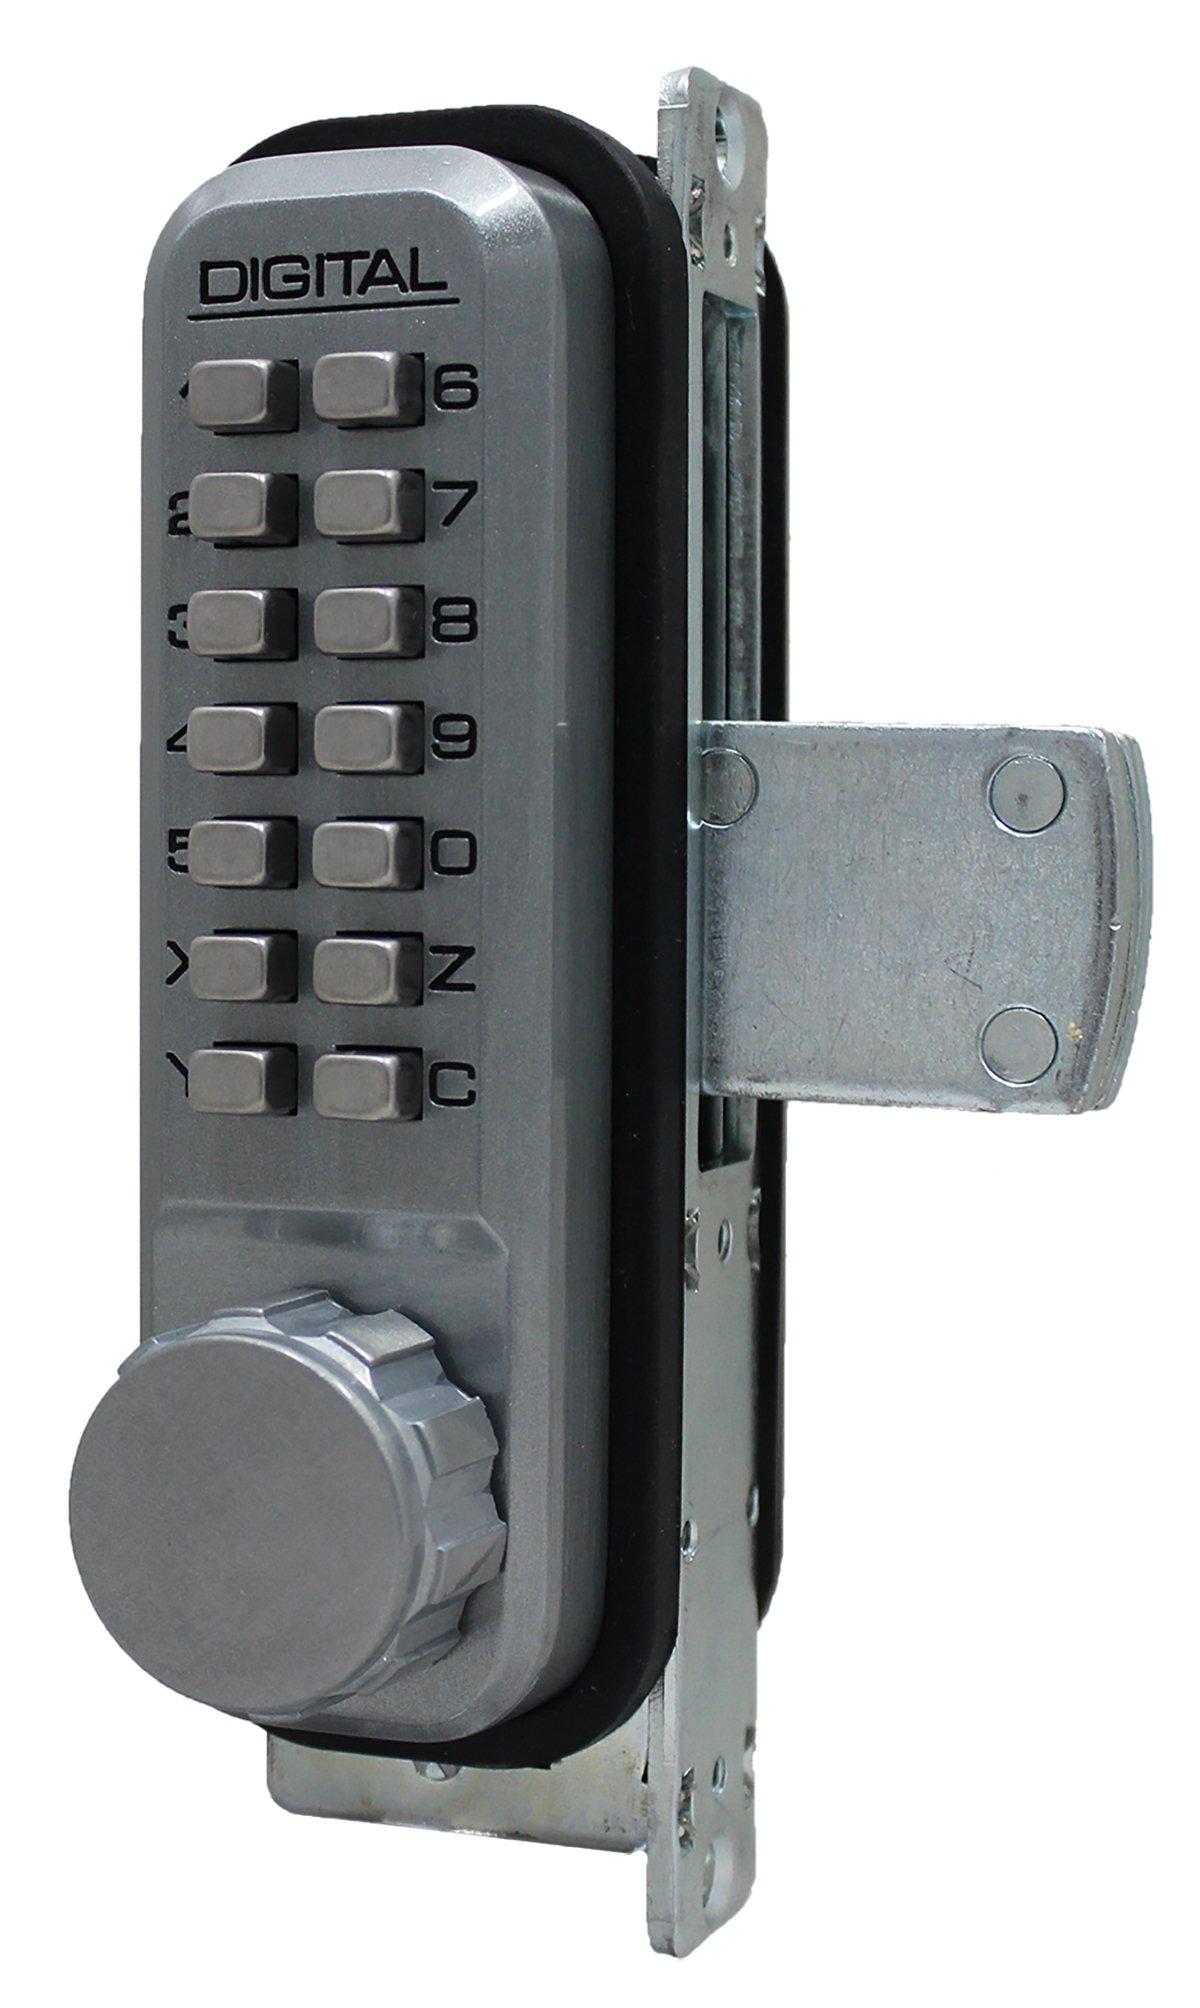 2900SC Narrow Stile Deadbolt